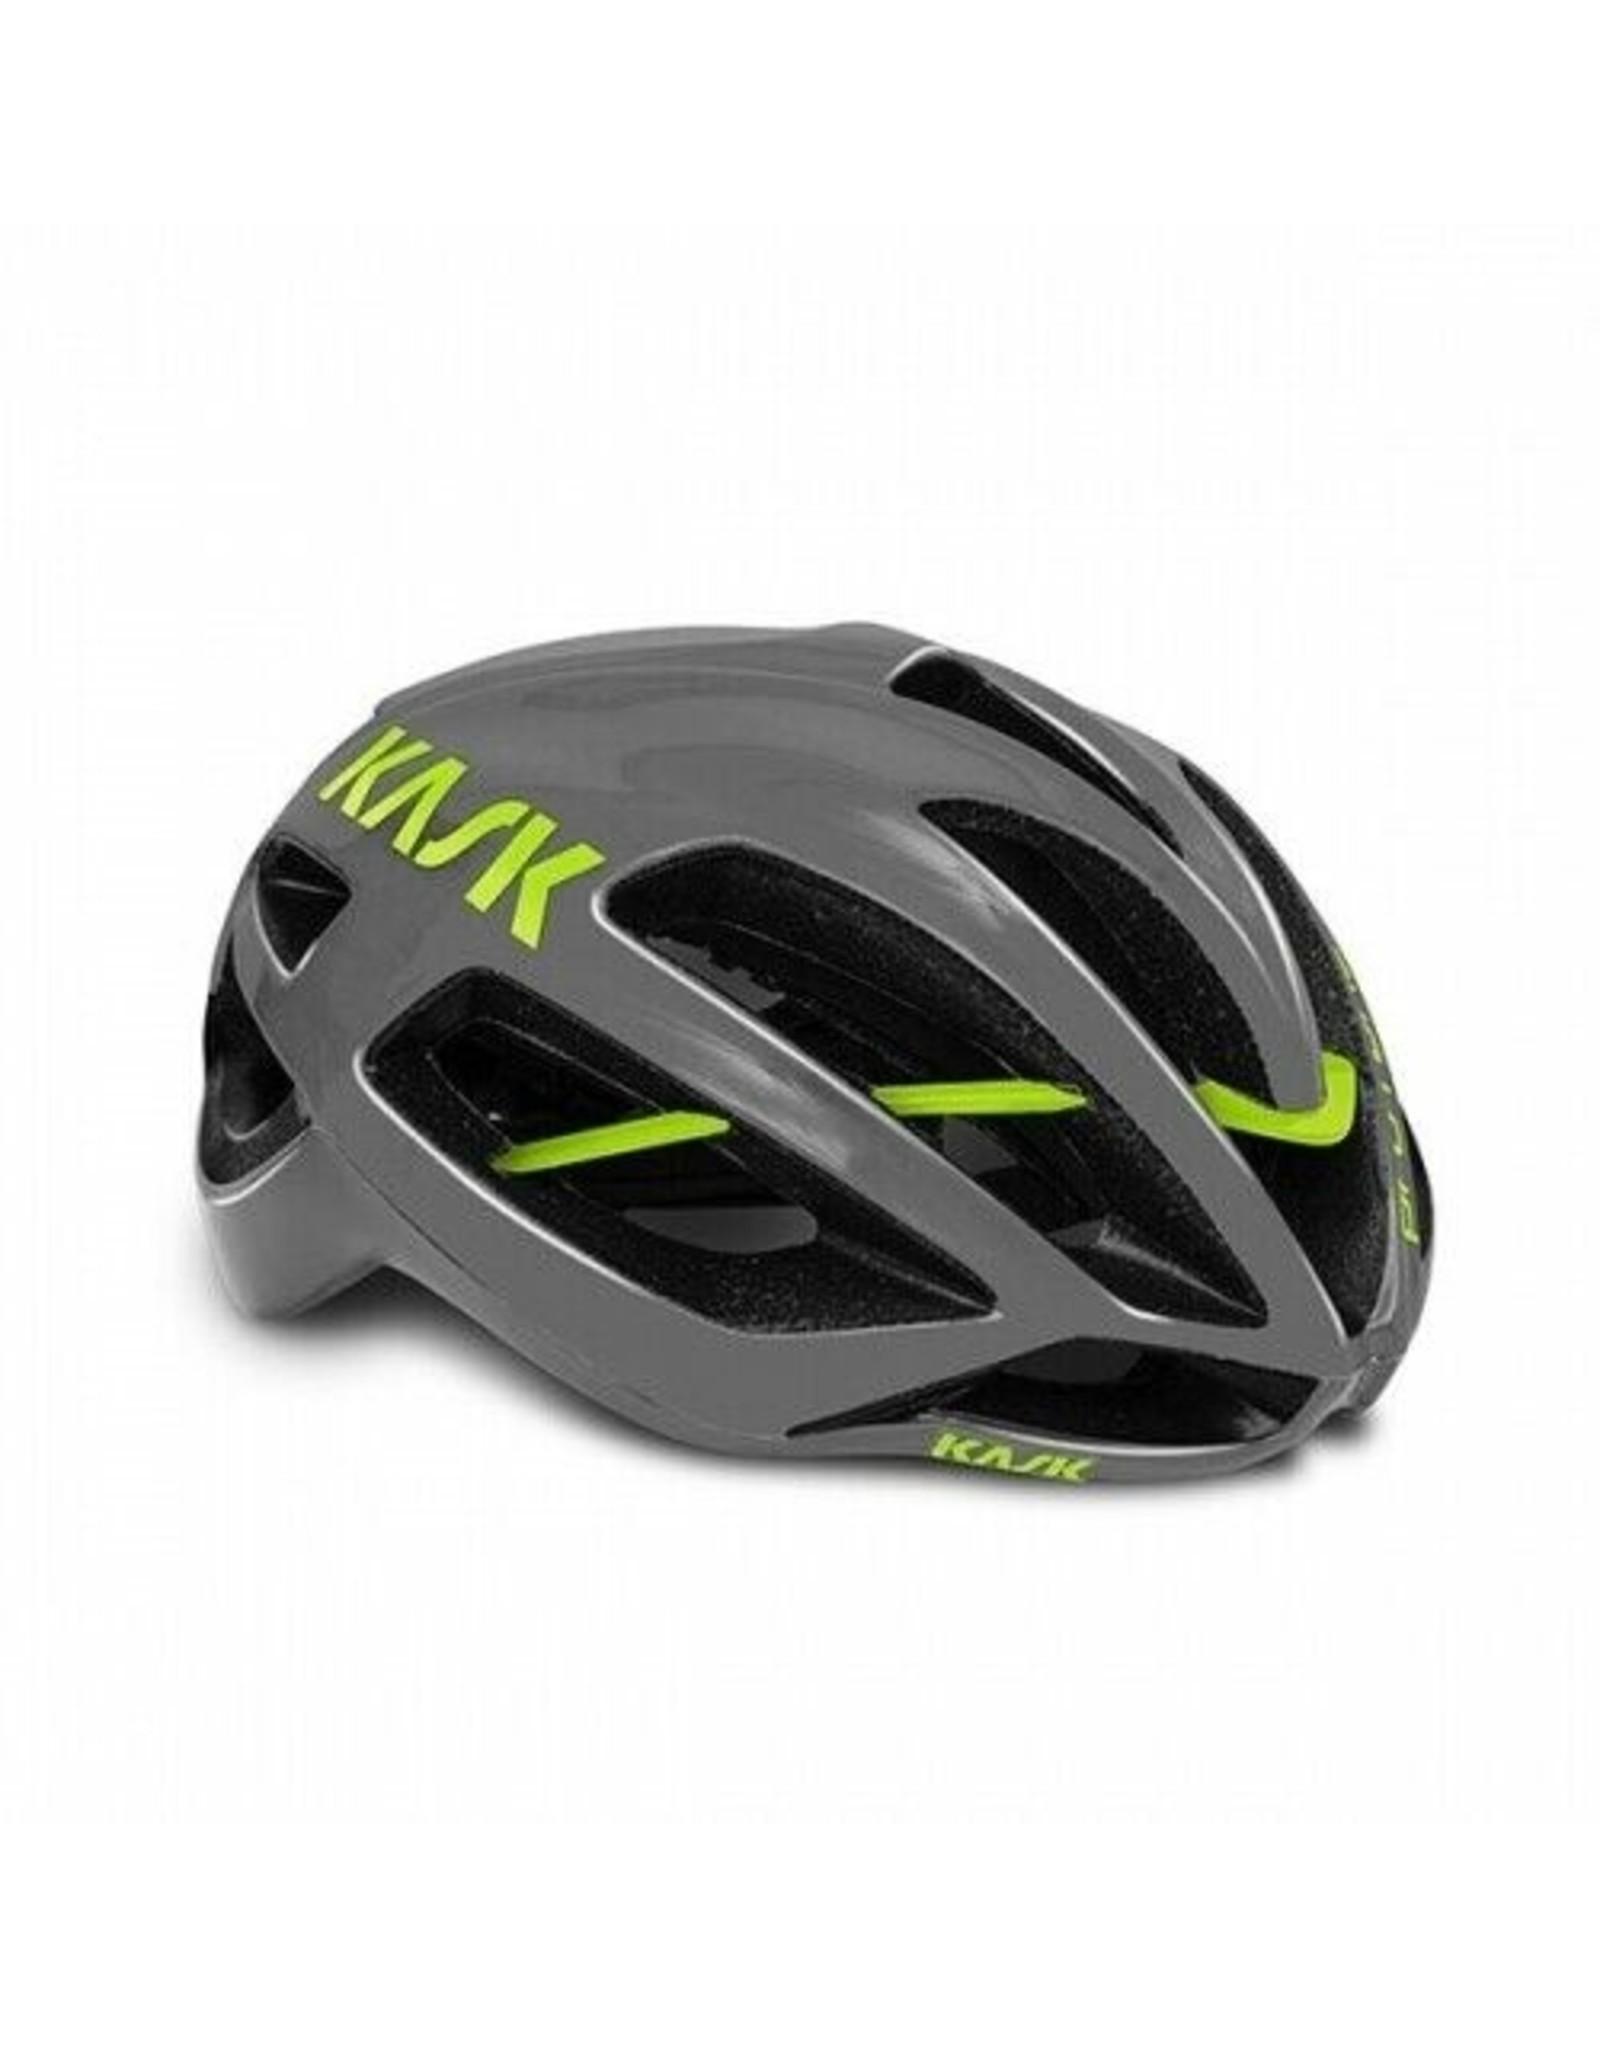 Kask KASK, Protone, Helmet